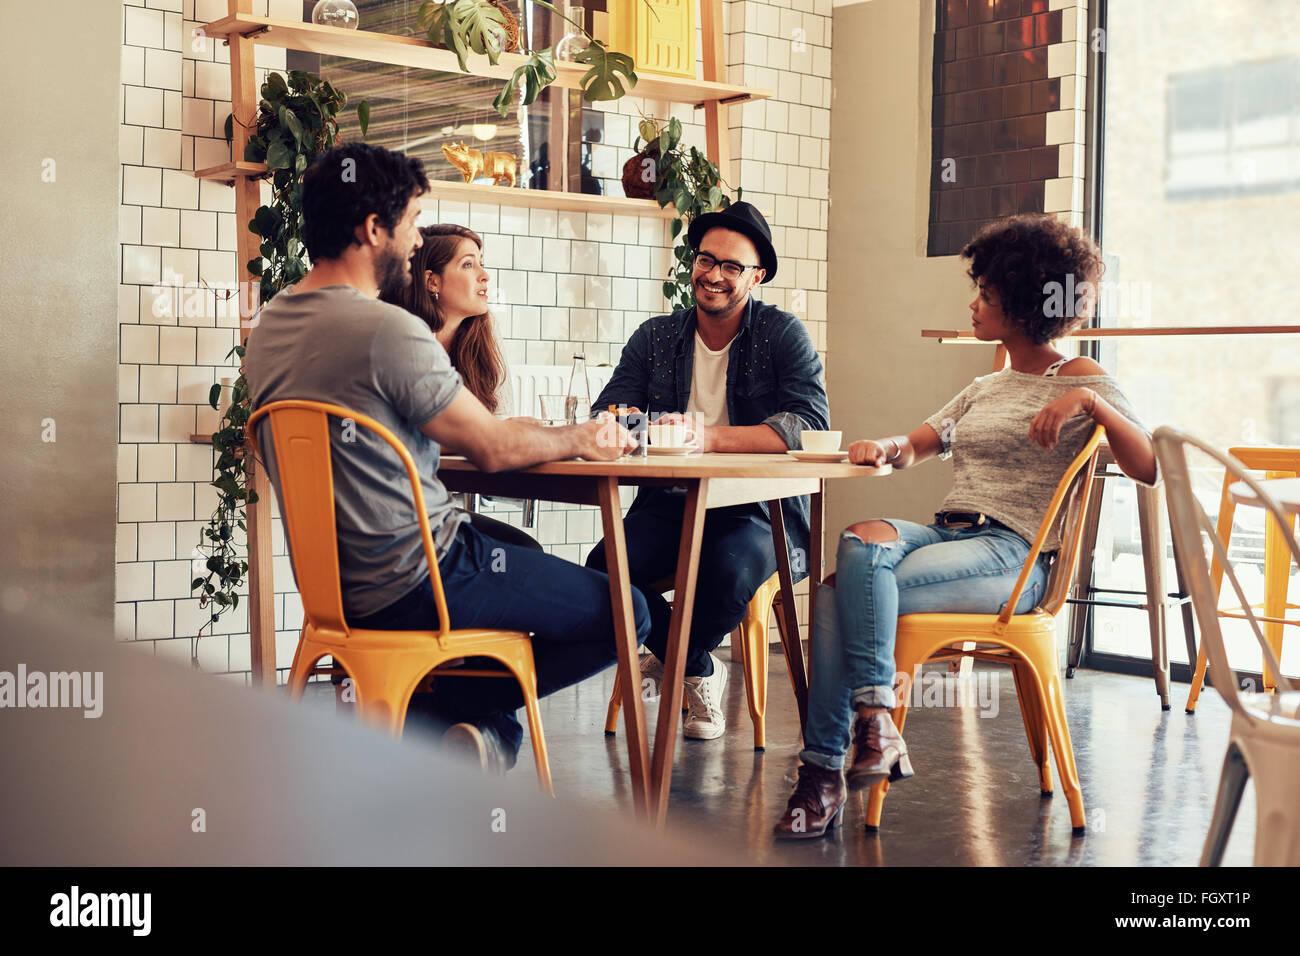 Junge Menschen an einem Cafétisch sitzen. Gruppe von Freunden in einem Café im Gespräch. Stockbild